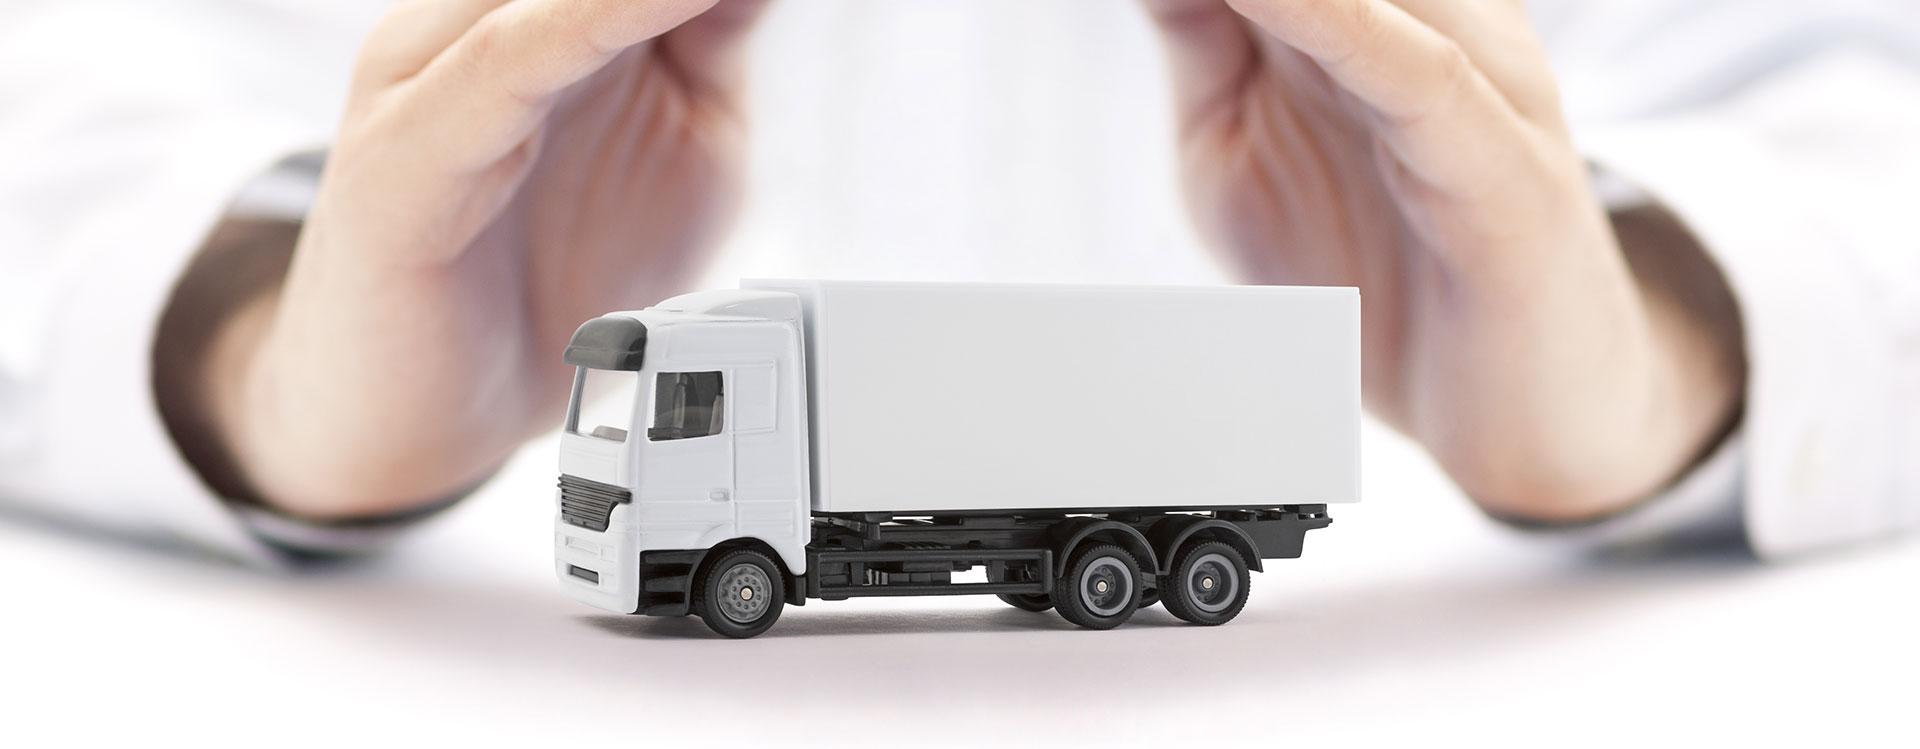 Transportförsäkring